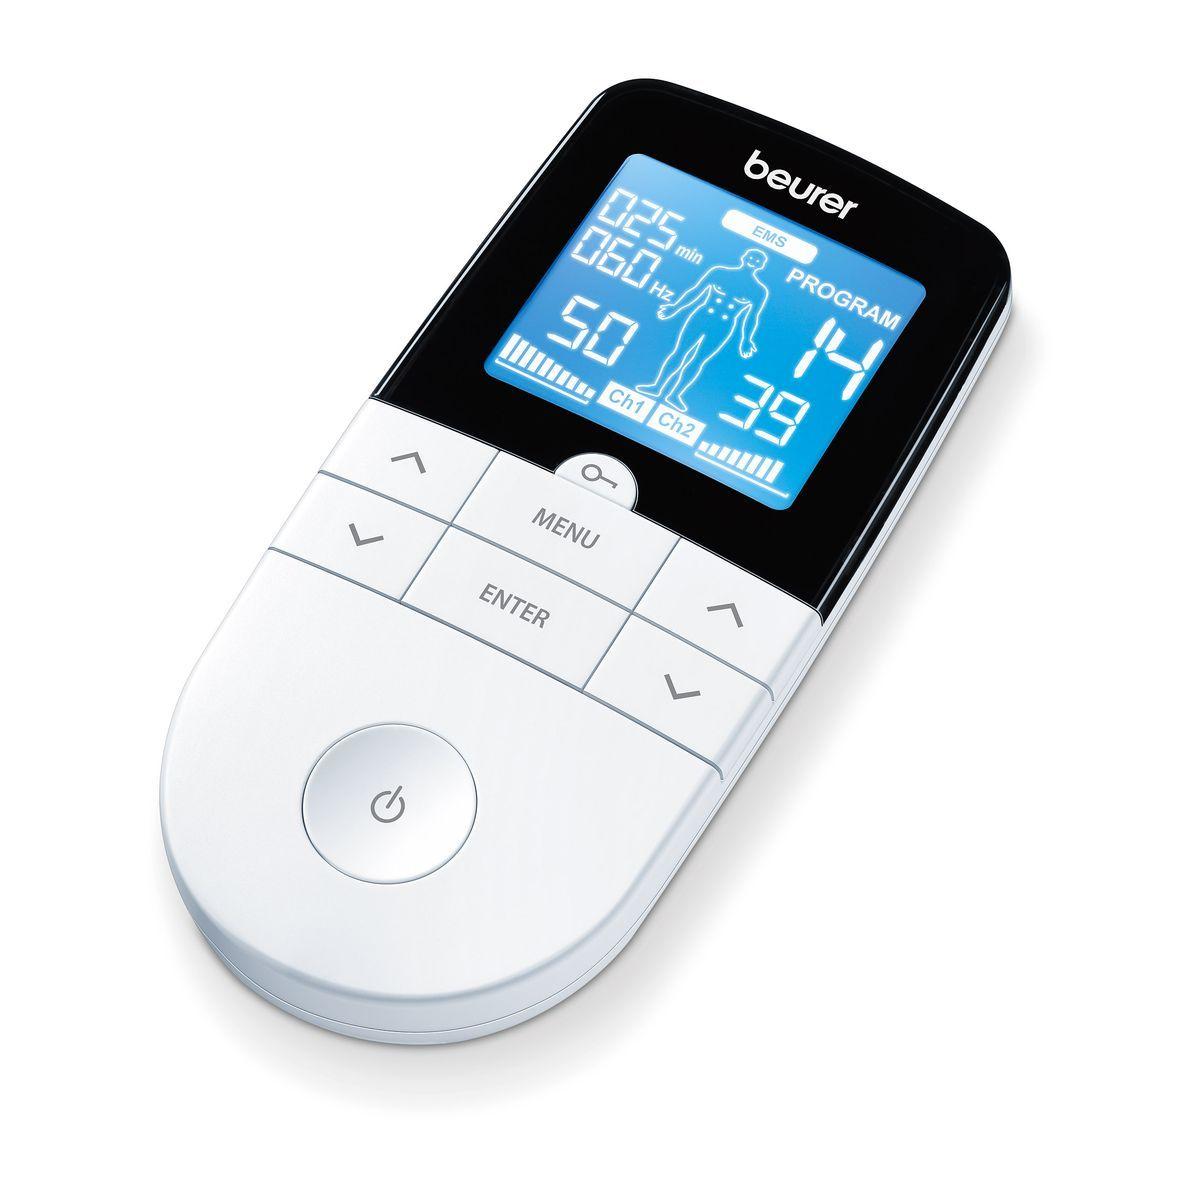 Electrostimulateur numérique EM 49, 3 en 1 : douleur, musculation et détente